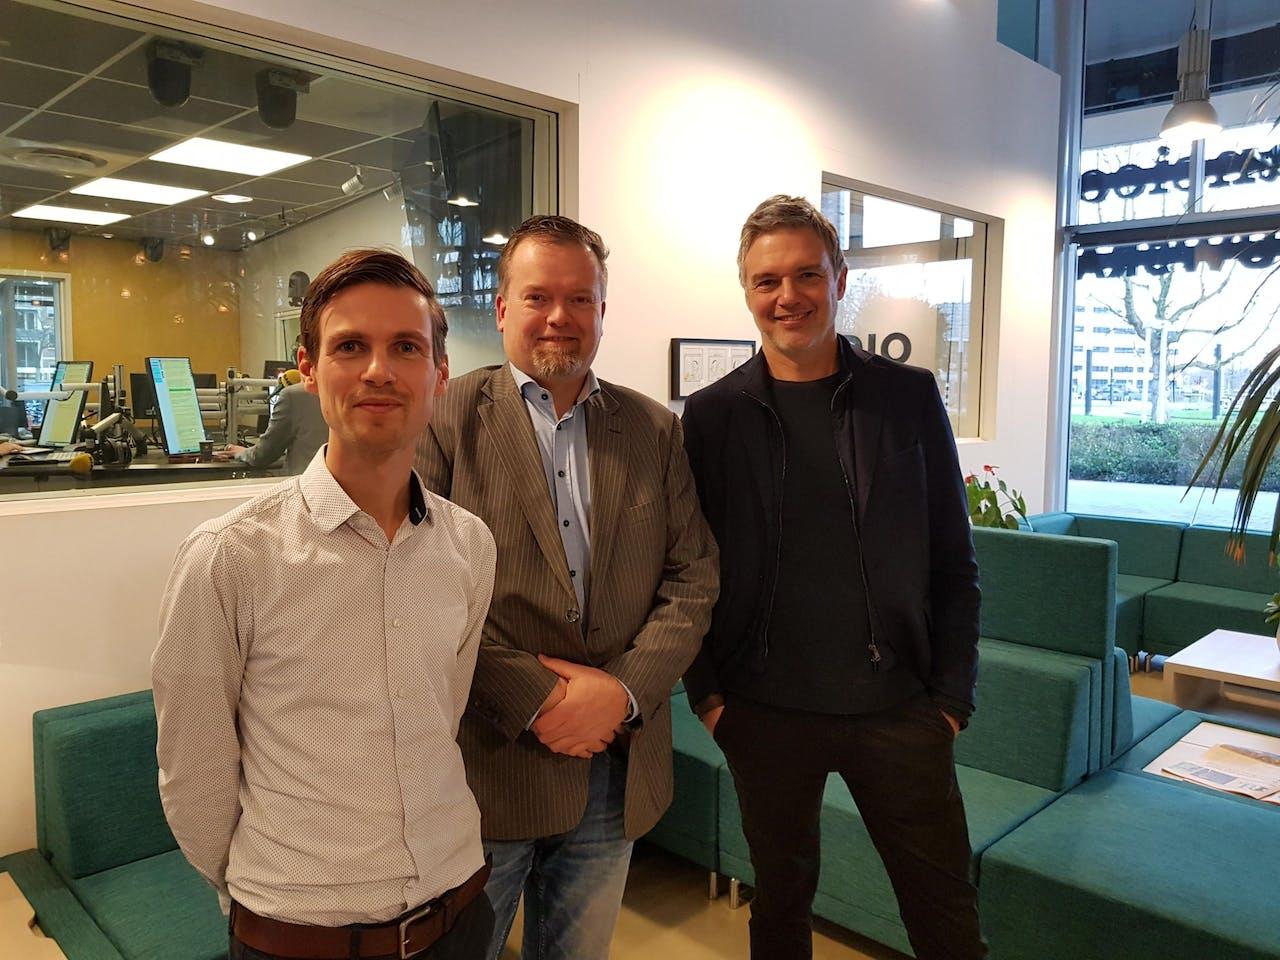 V.l.n.r.: Bas Slager, Arend van de Beek en Paul Laseur.